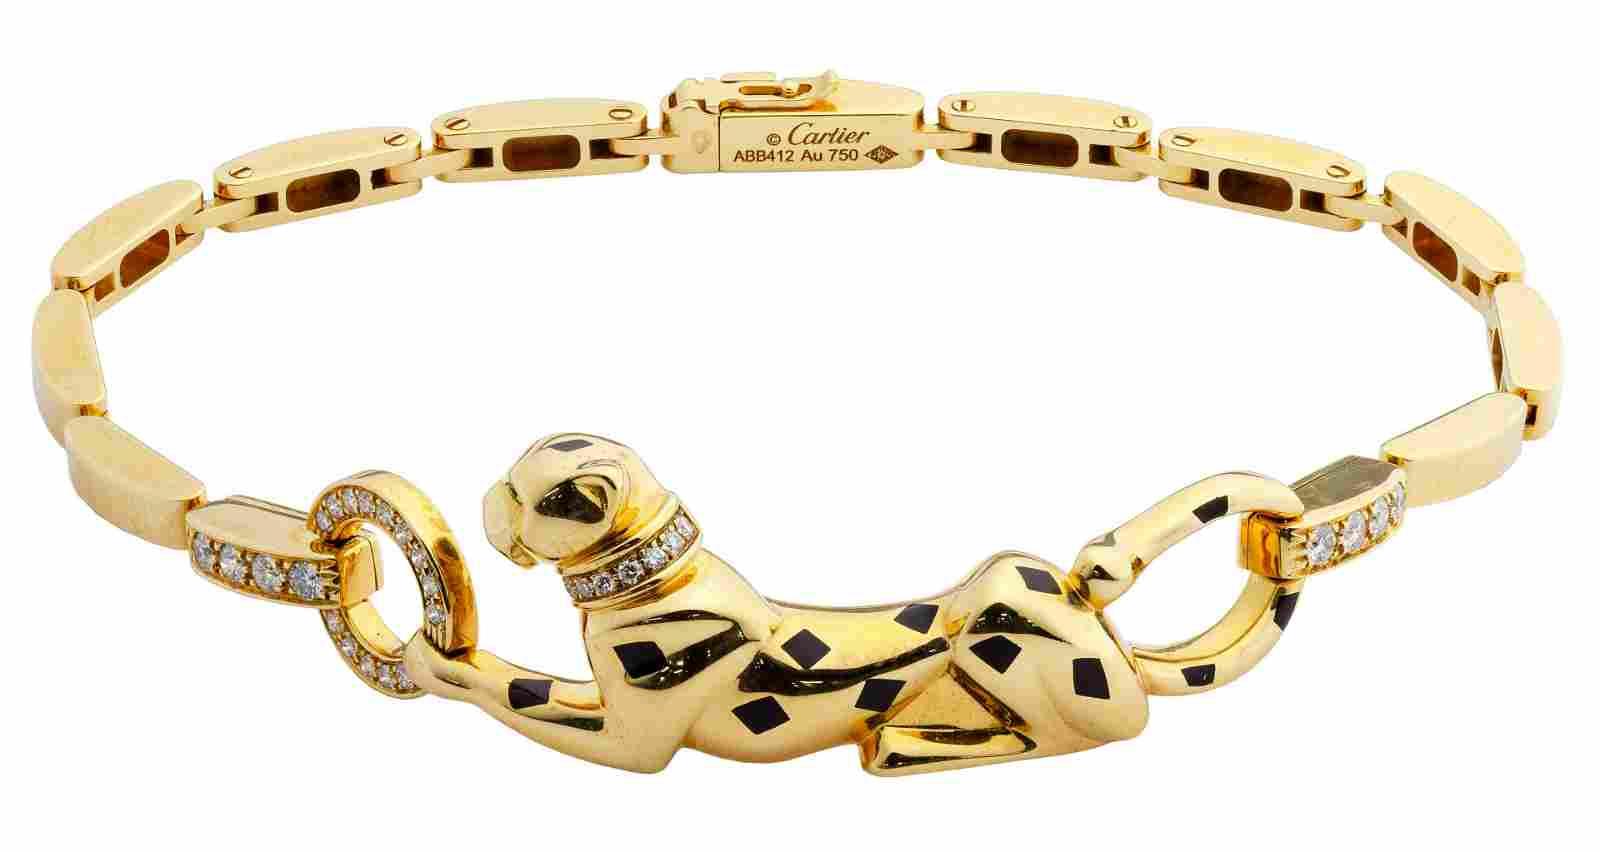 Cartier 18k Yellow Gold, Tsavorite Garnet, Onyx and